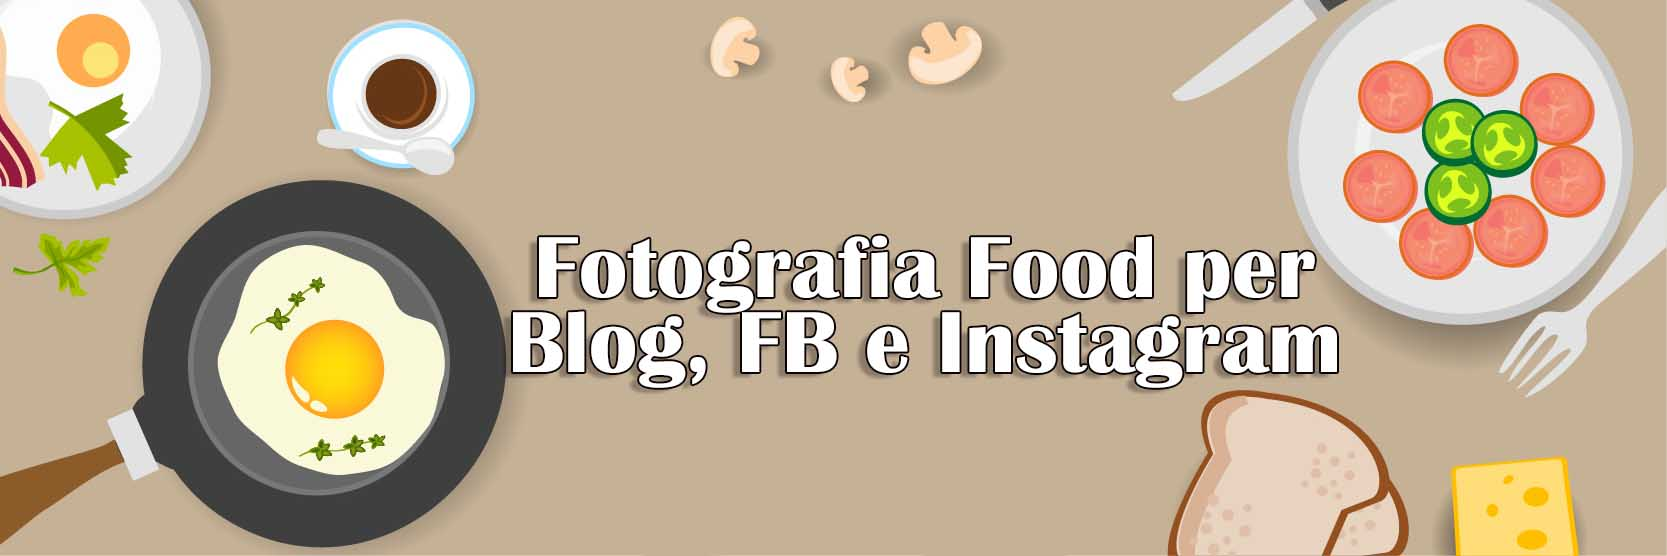 fotografia-food